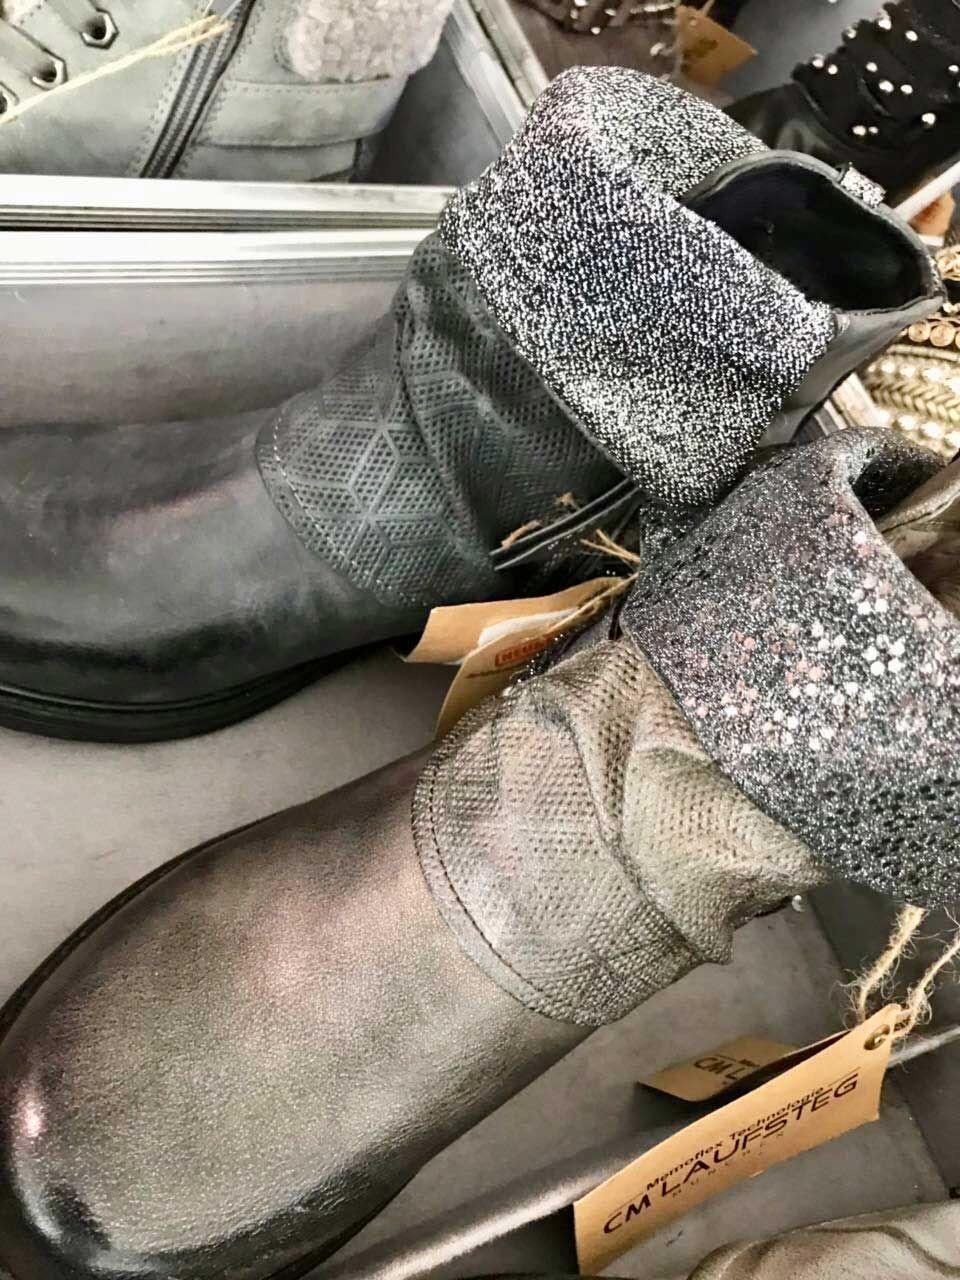 competitive price 40705 49e36 Neue Exklusivität ab Herbst/Winter 2018/2019: Damenschuhe in ...